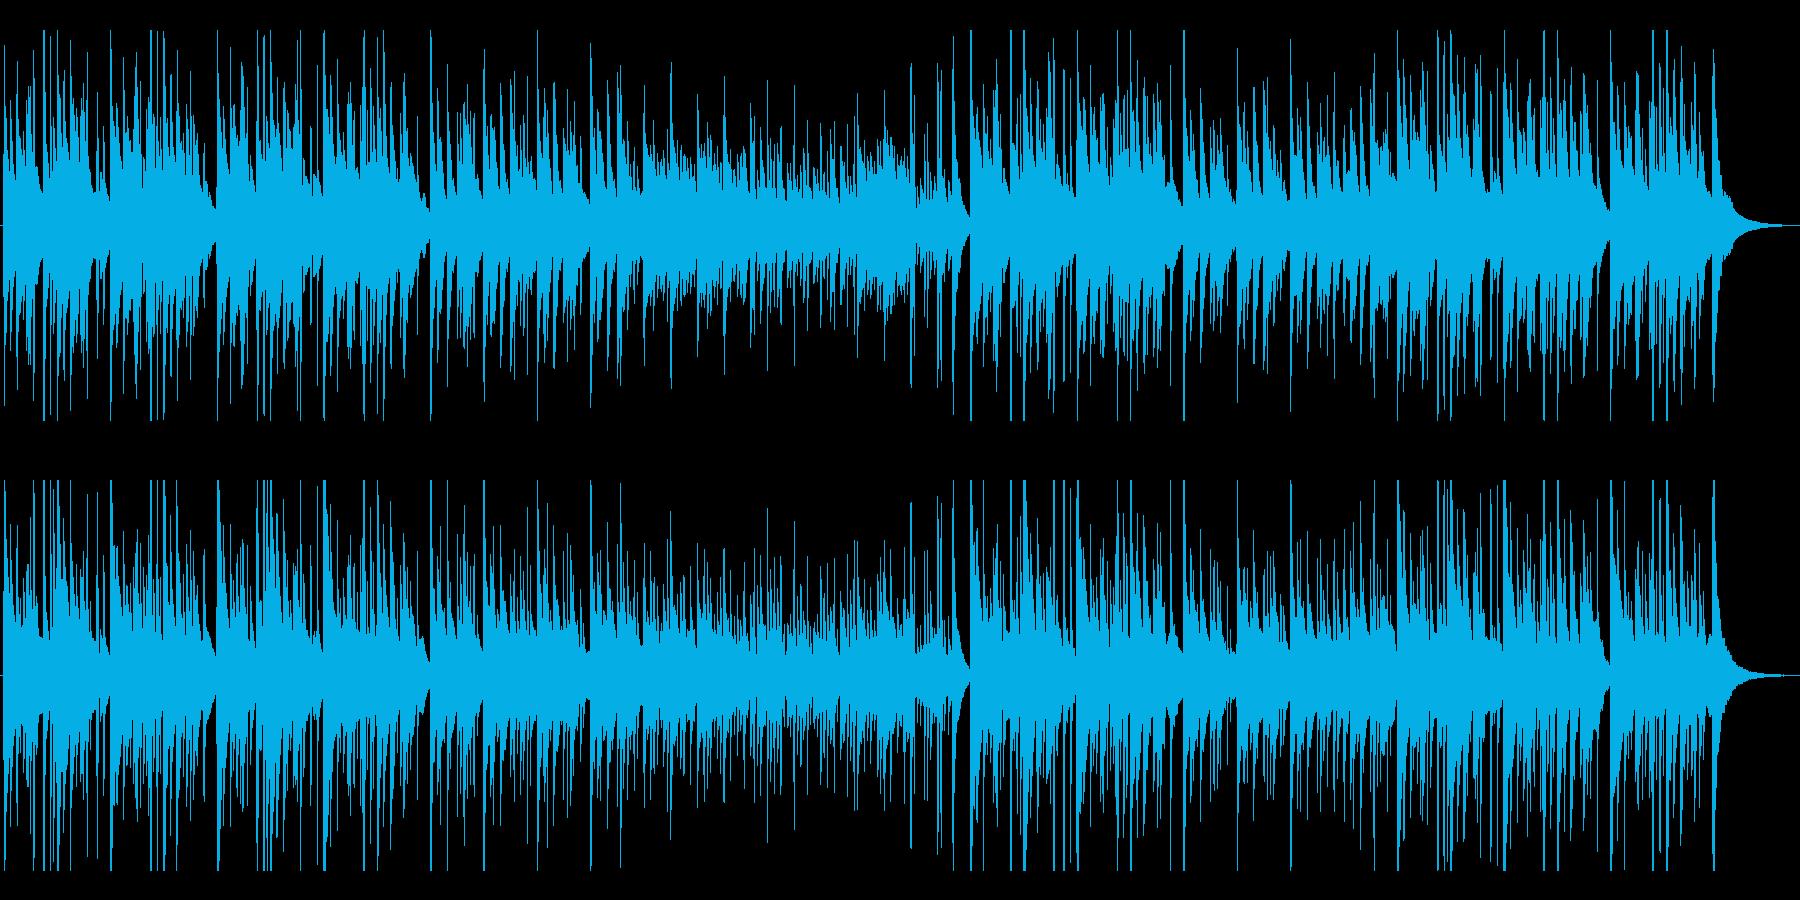 優しく切ないクラシックギター曲の再生済みの波形